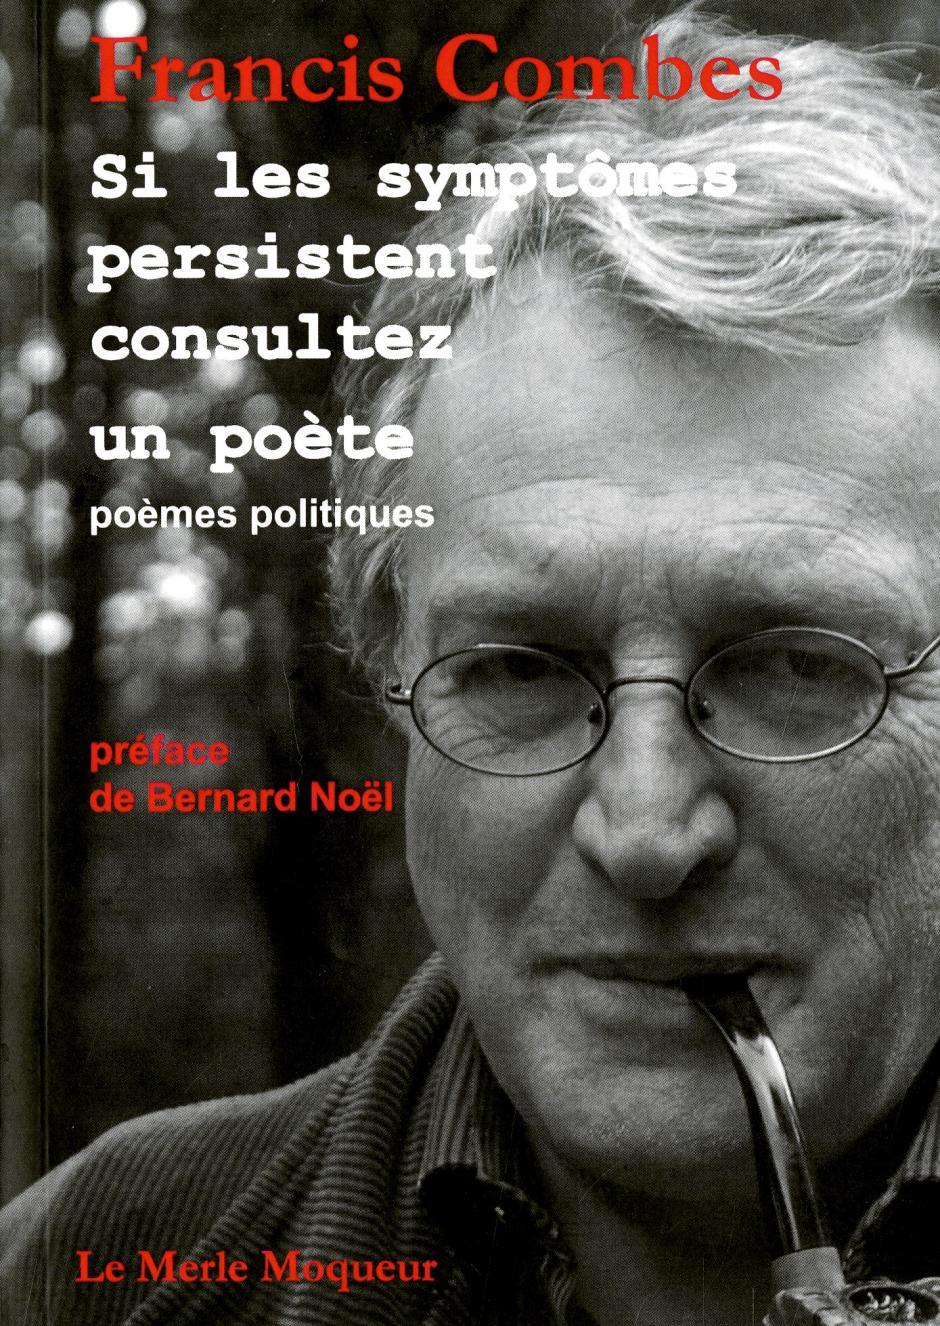 Si les symptômes persistent, consultez un poète, Francis Combes